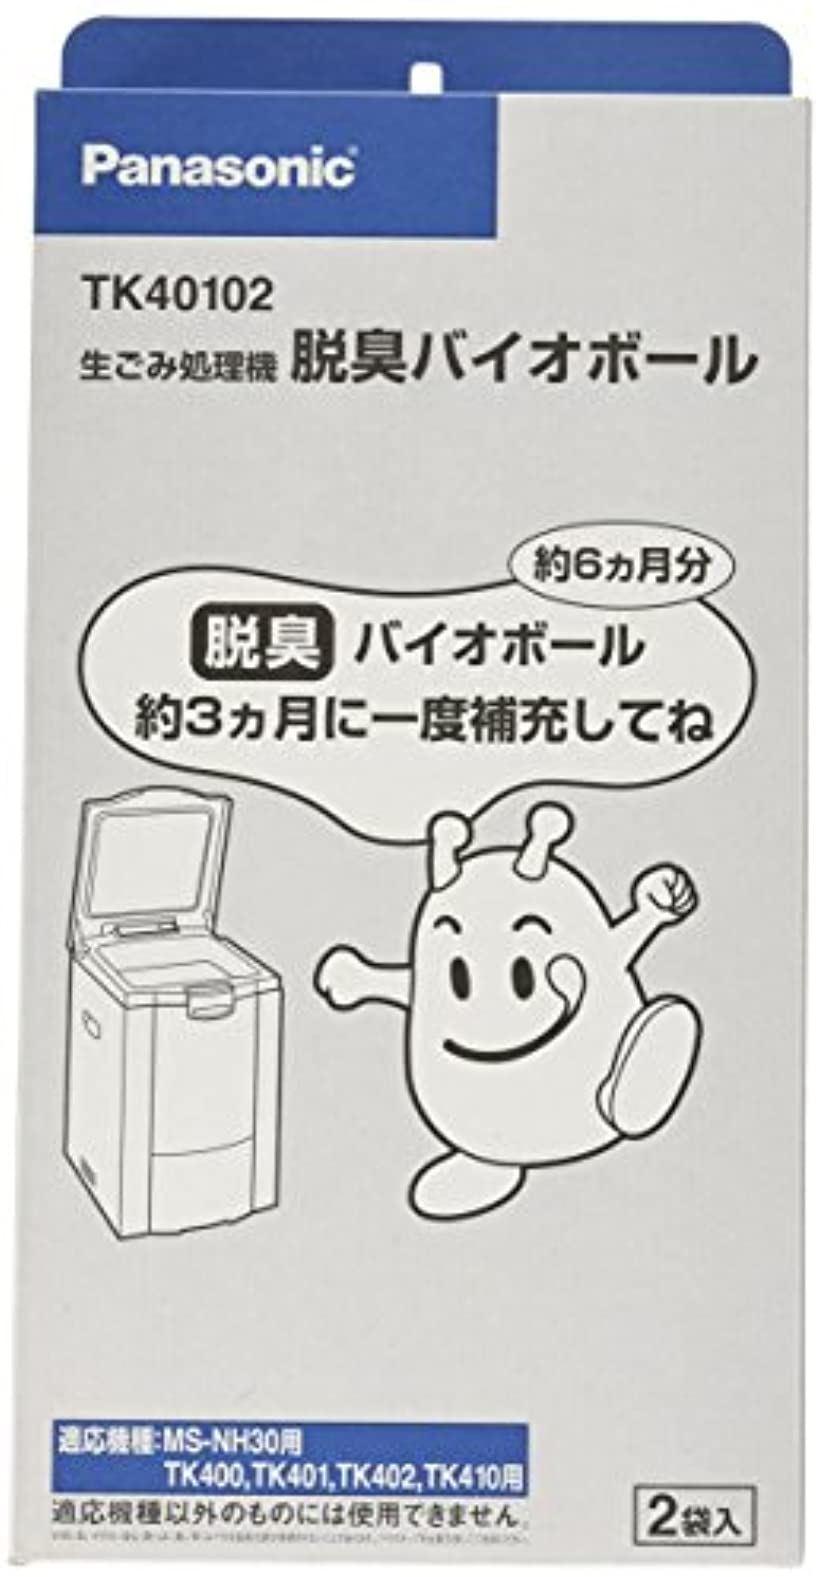 パナソニック Panasonic 生ごみ処理機消耗品 別売品補充用脱臭バイオボール 無料 好評受付中 TK40102